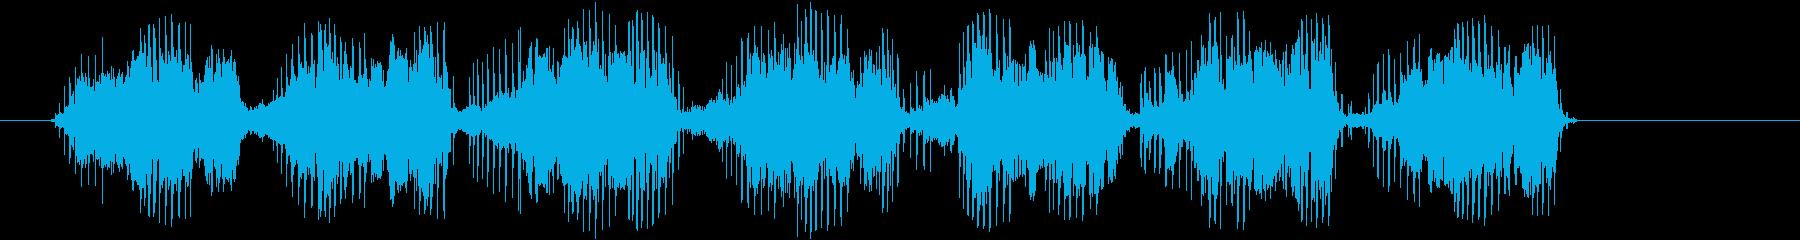 カエル、緑の木の鳴き声、鳴き声、鳴...の再生済みの波形